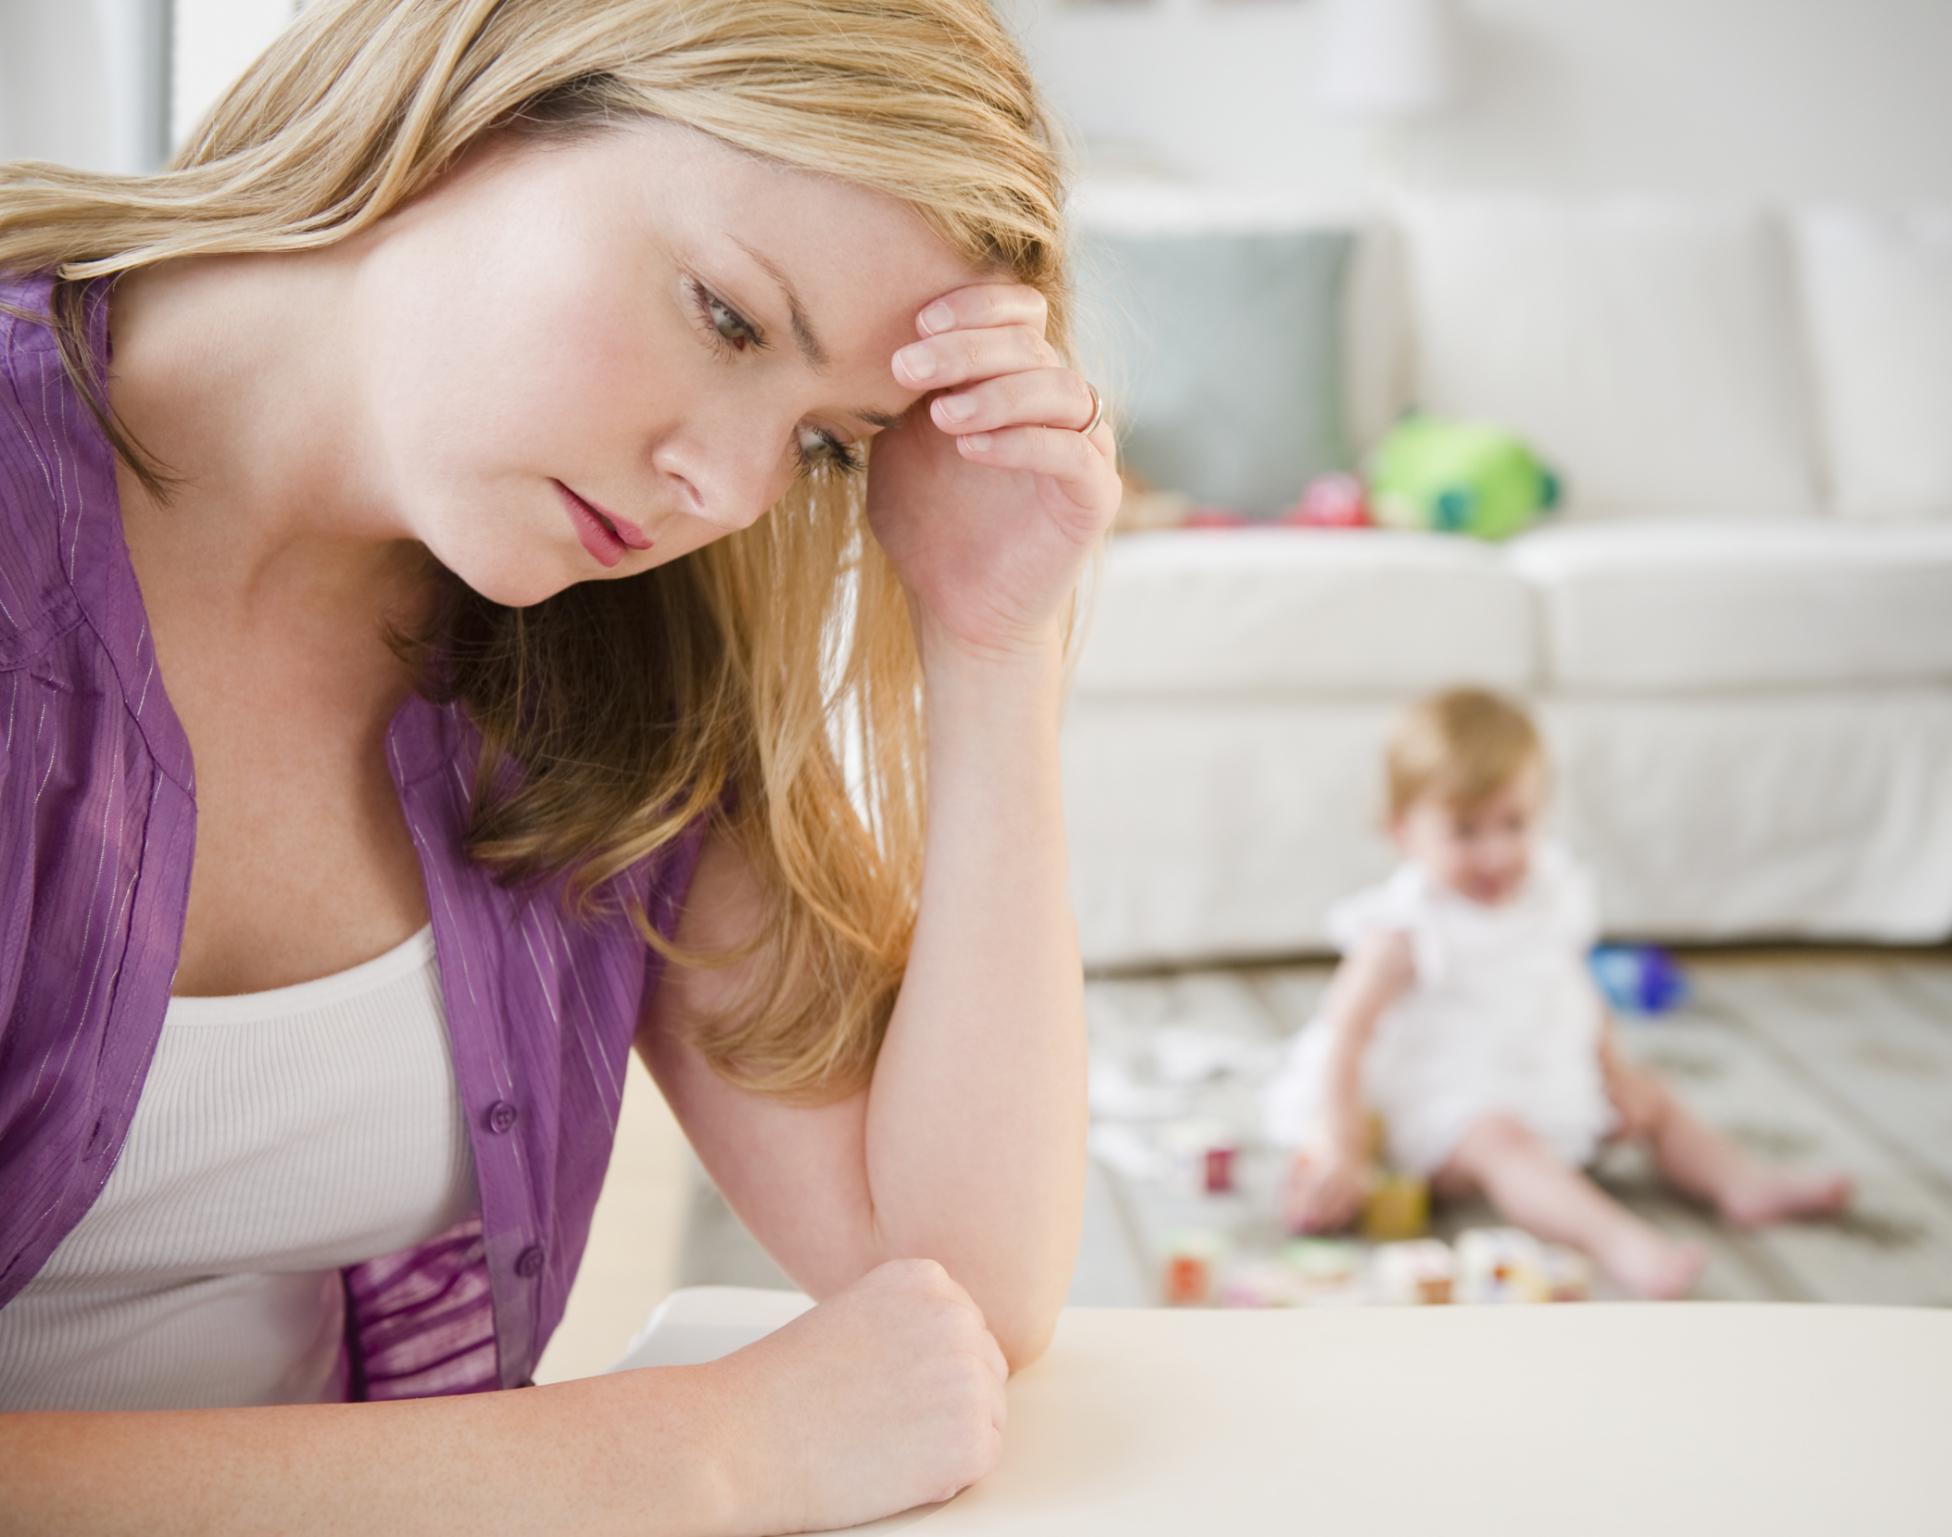 эмоциональное выгорание у родителей